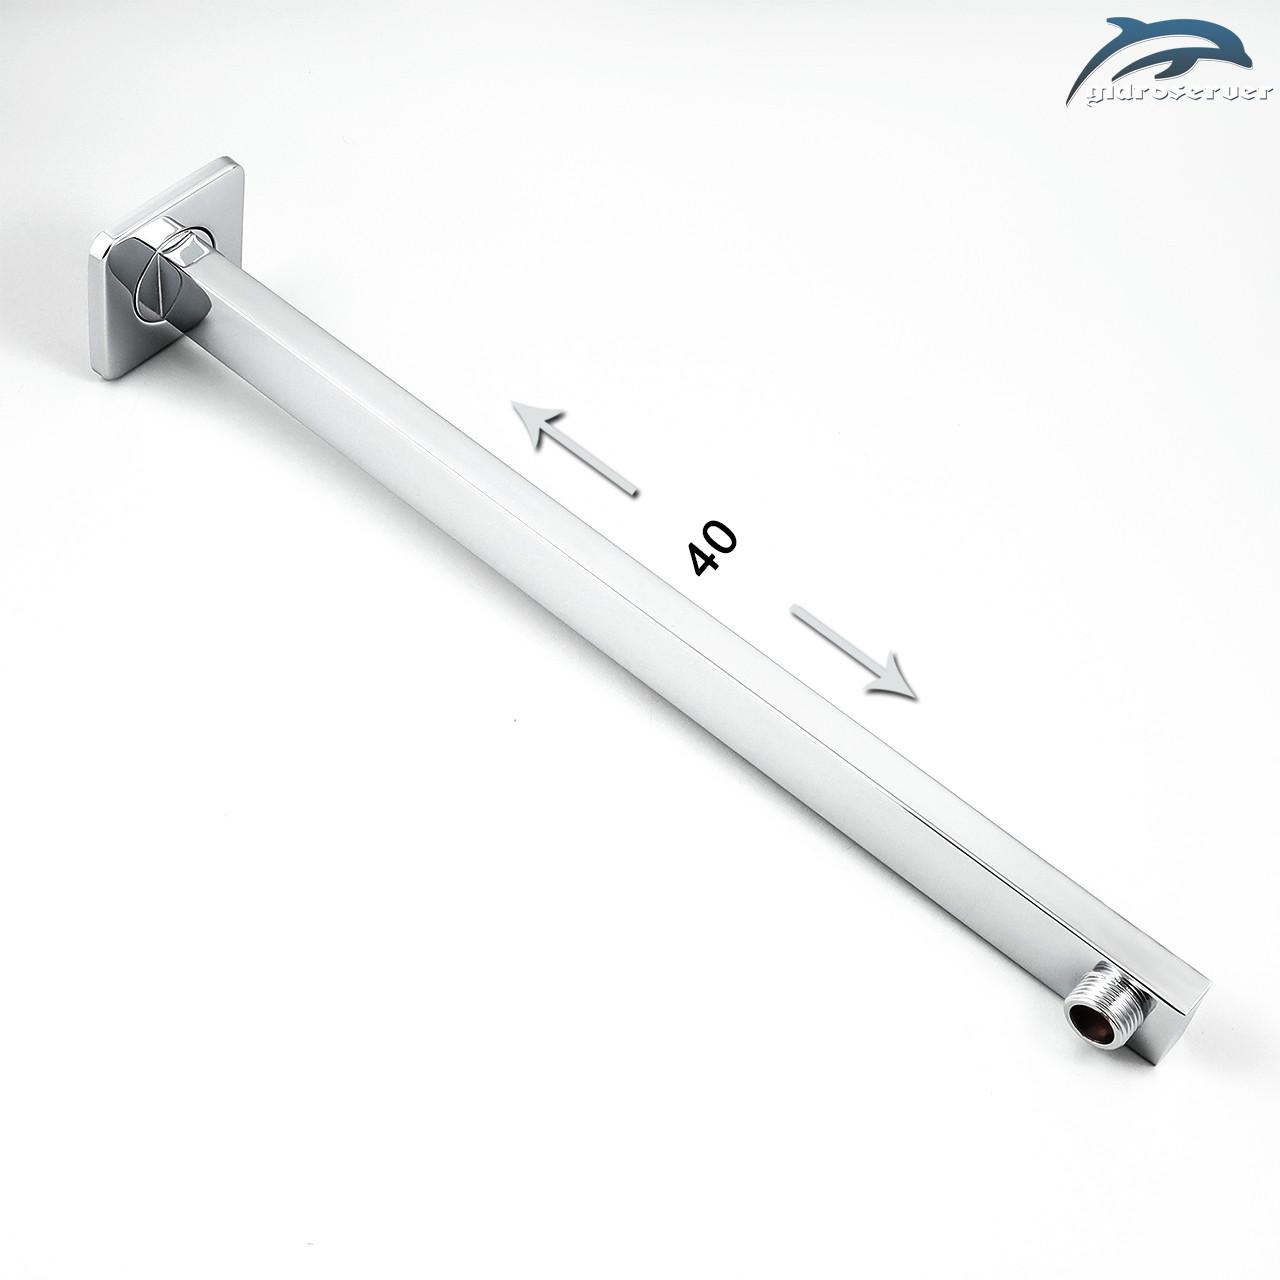 Кронштейн для верхней душевой лейки DL-02.40 латунный.